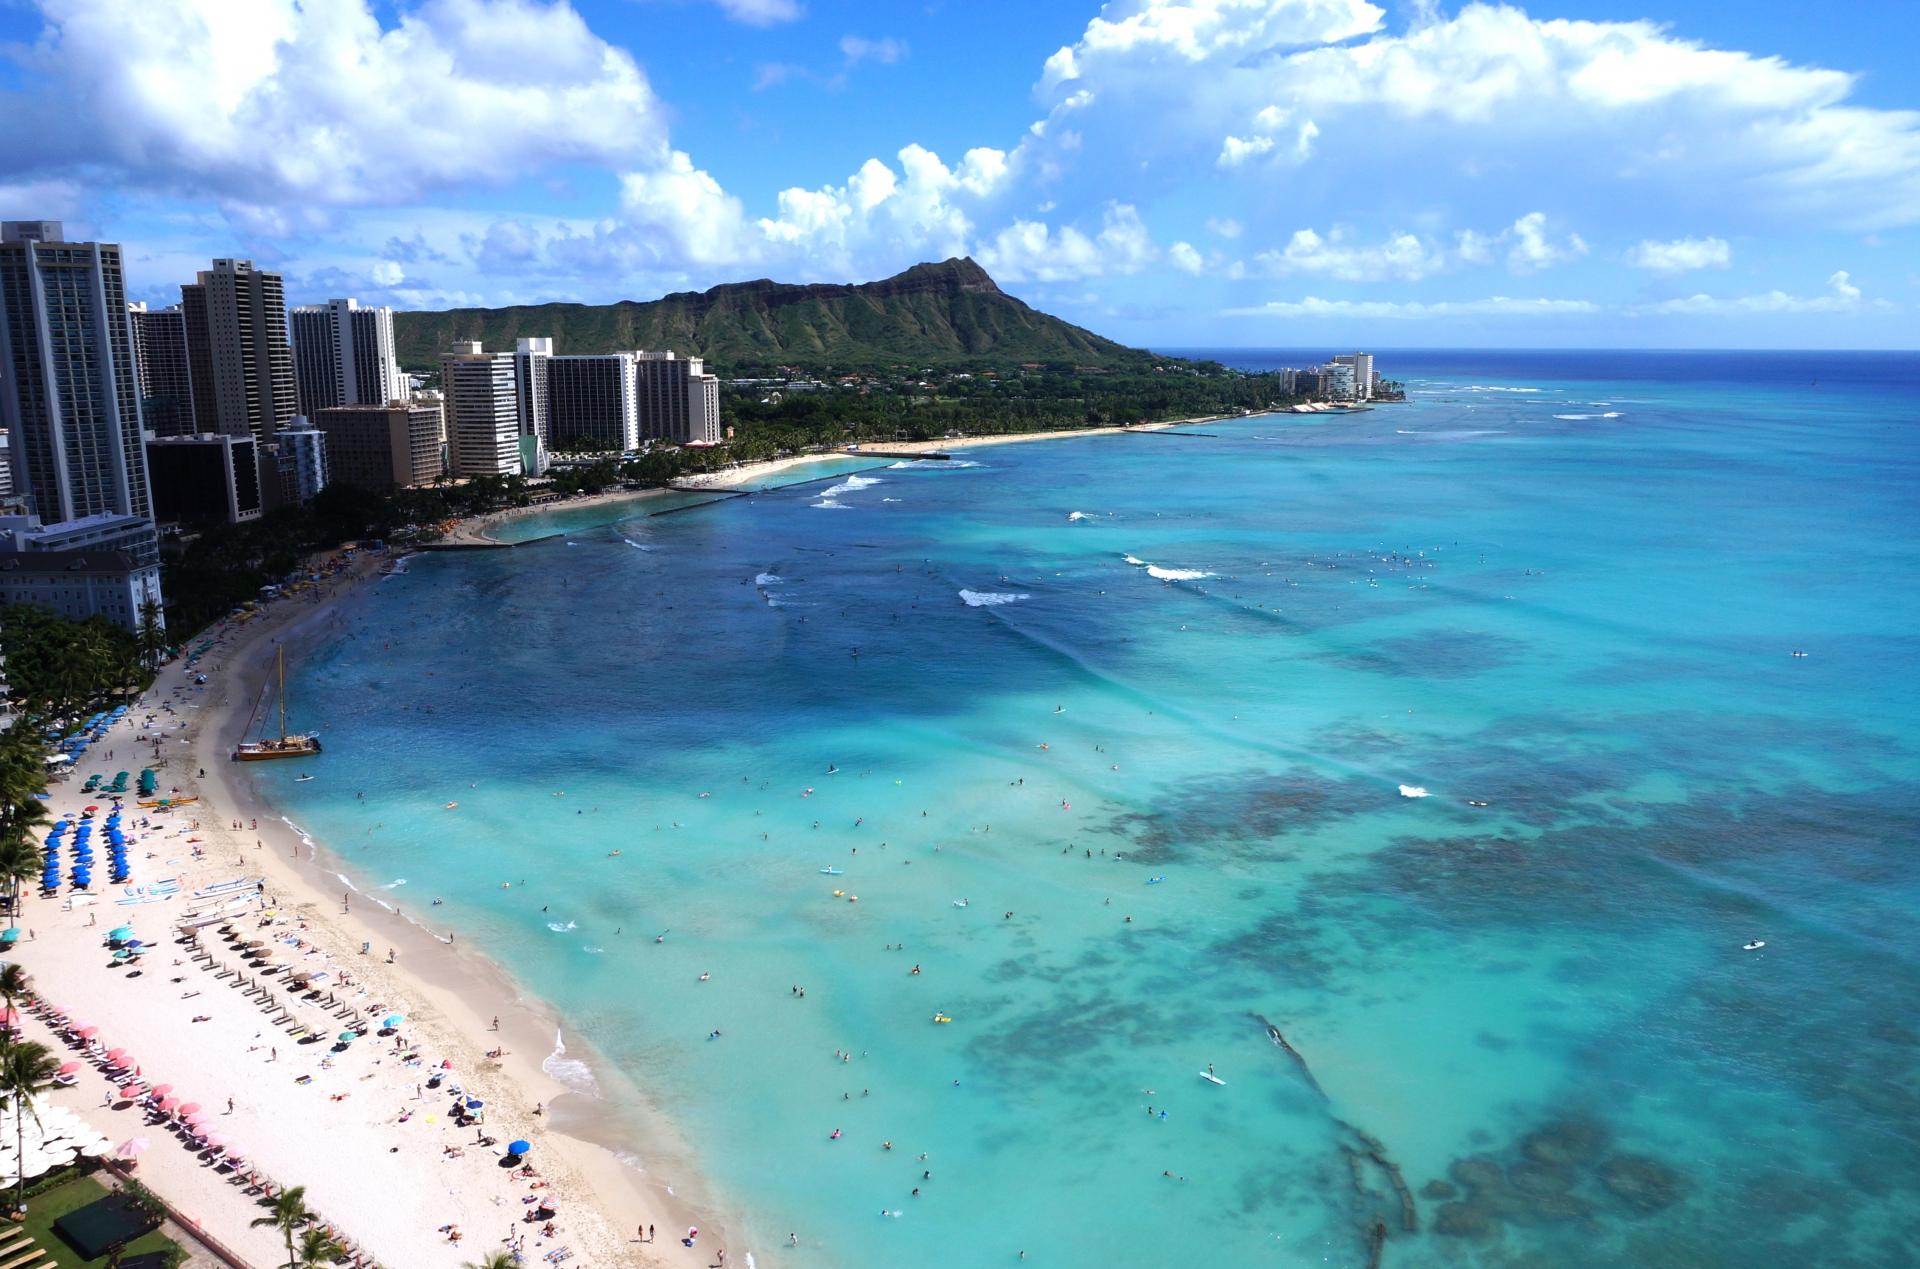 ハワイのトロリーバスは観光に便利!乗り放題もあり!料金は?